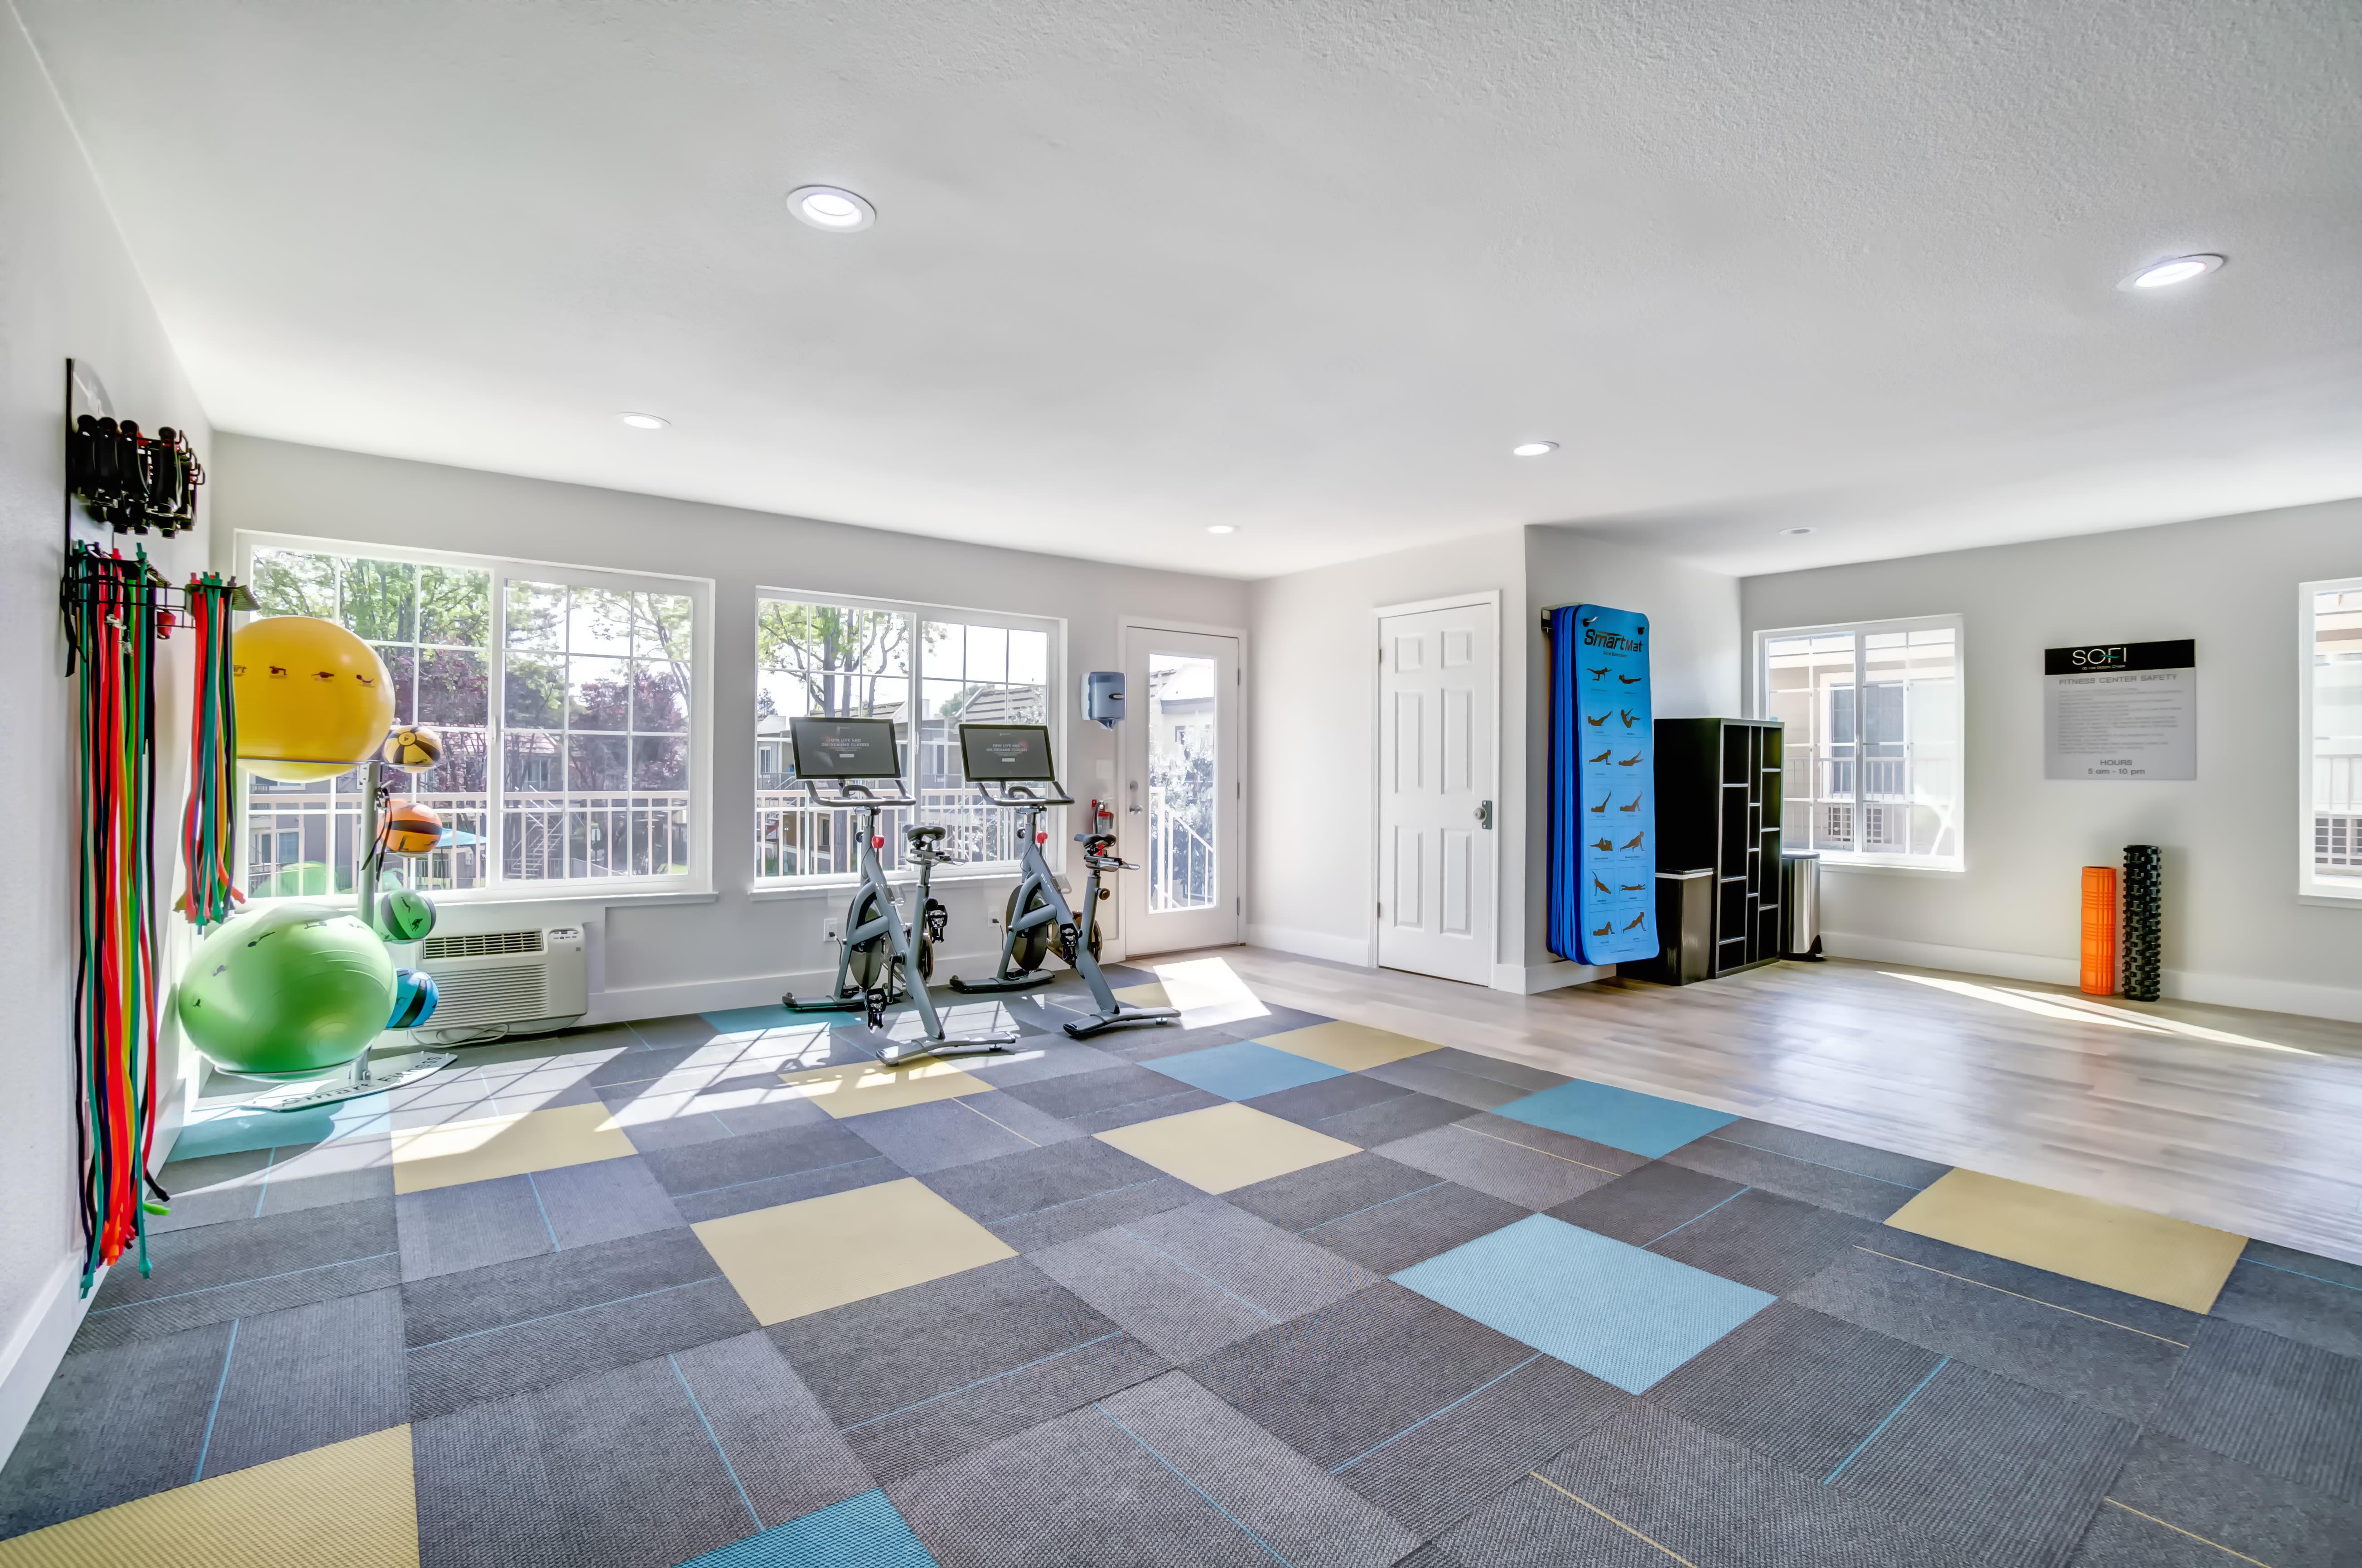 Exercise Room at Sofi at Los Gatos Creek in San Jose, CA